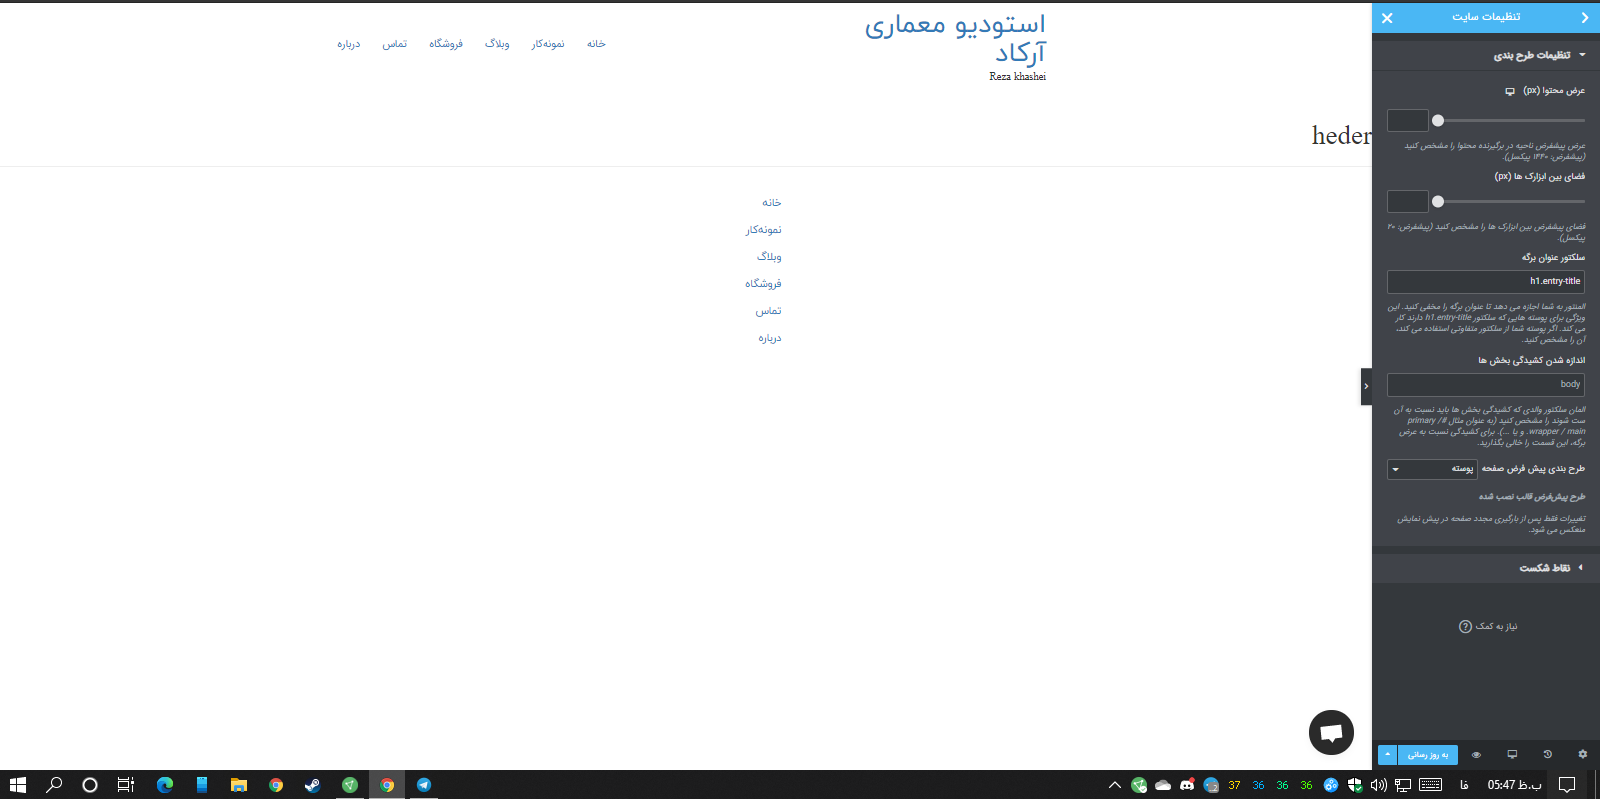 اندازه صفحه وب سایت